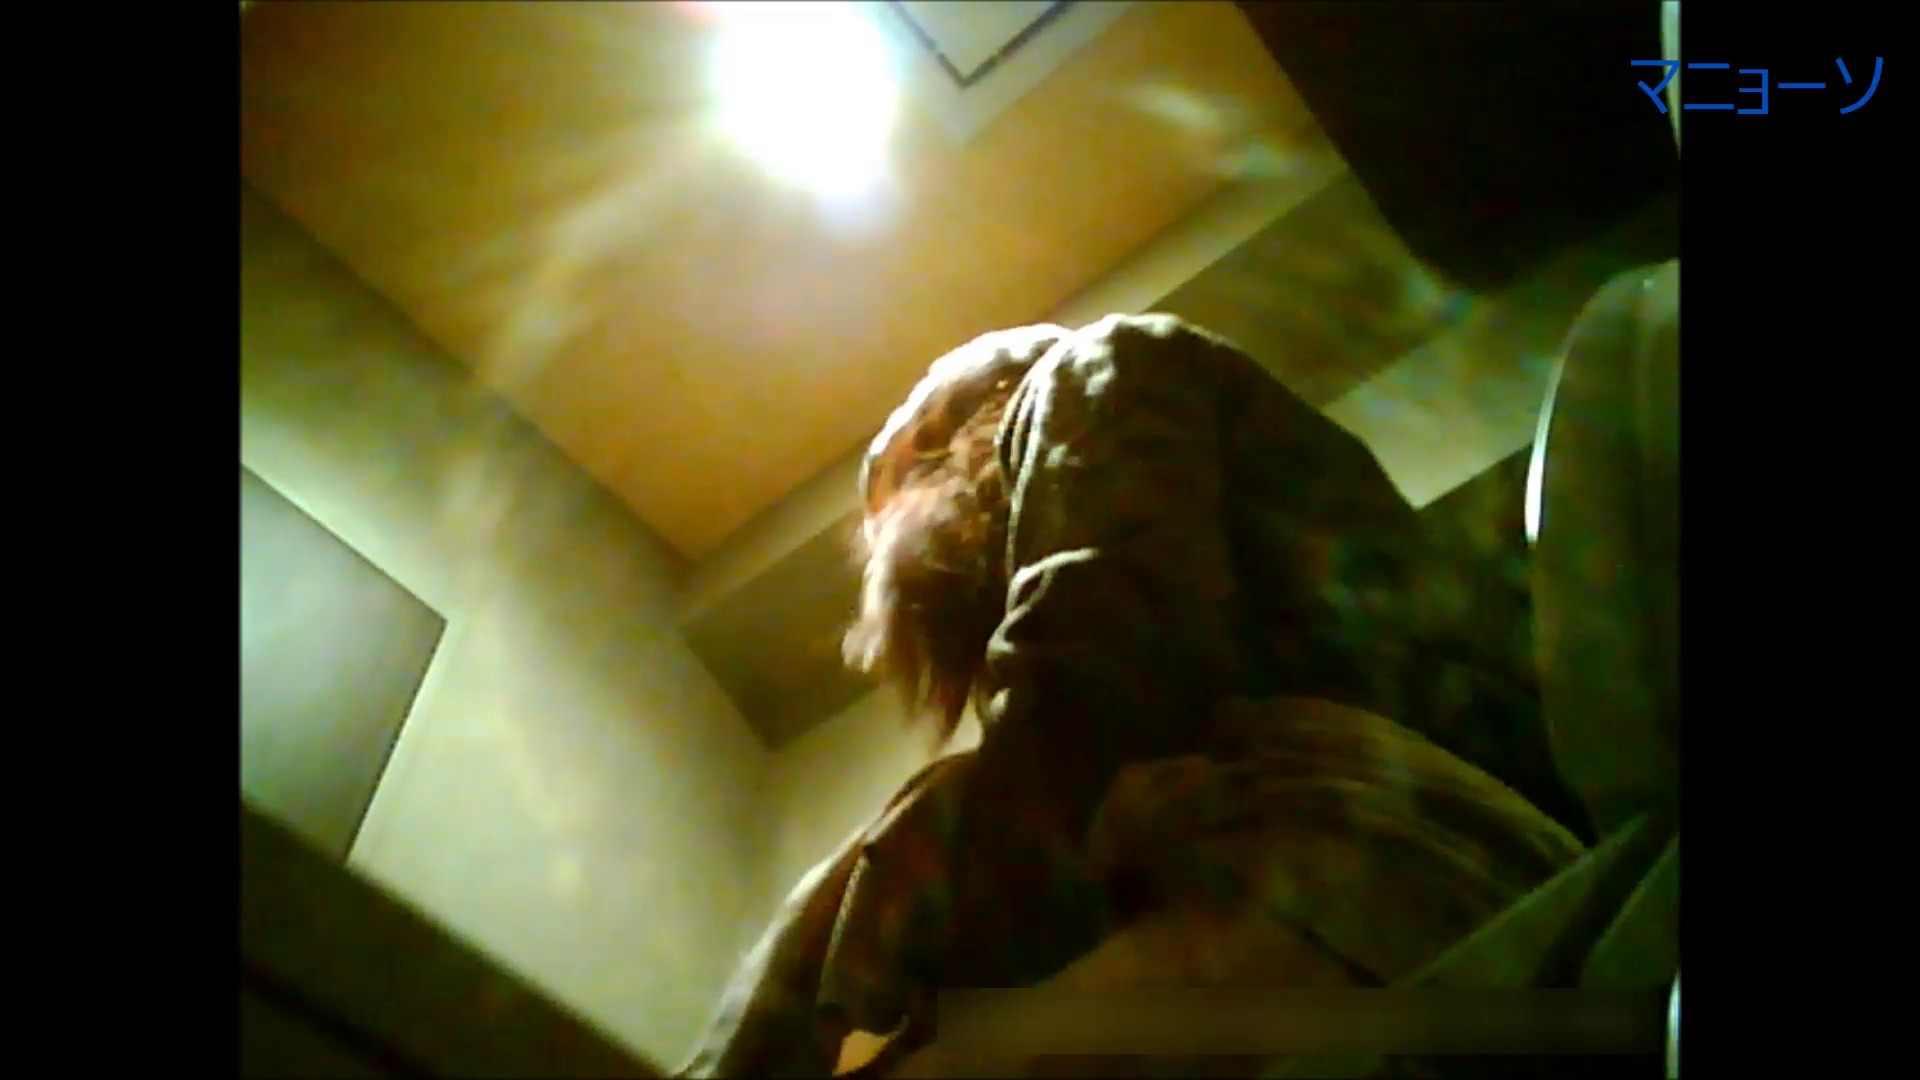 トイレでひと肌脱いでもらいました (JD編)Vol.01 トイレ  112PIX 74